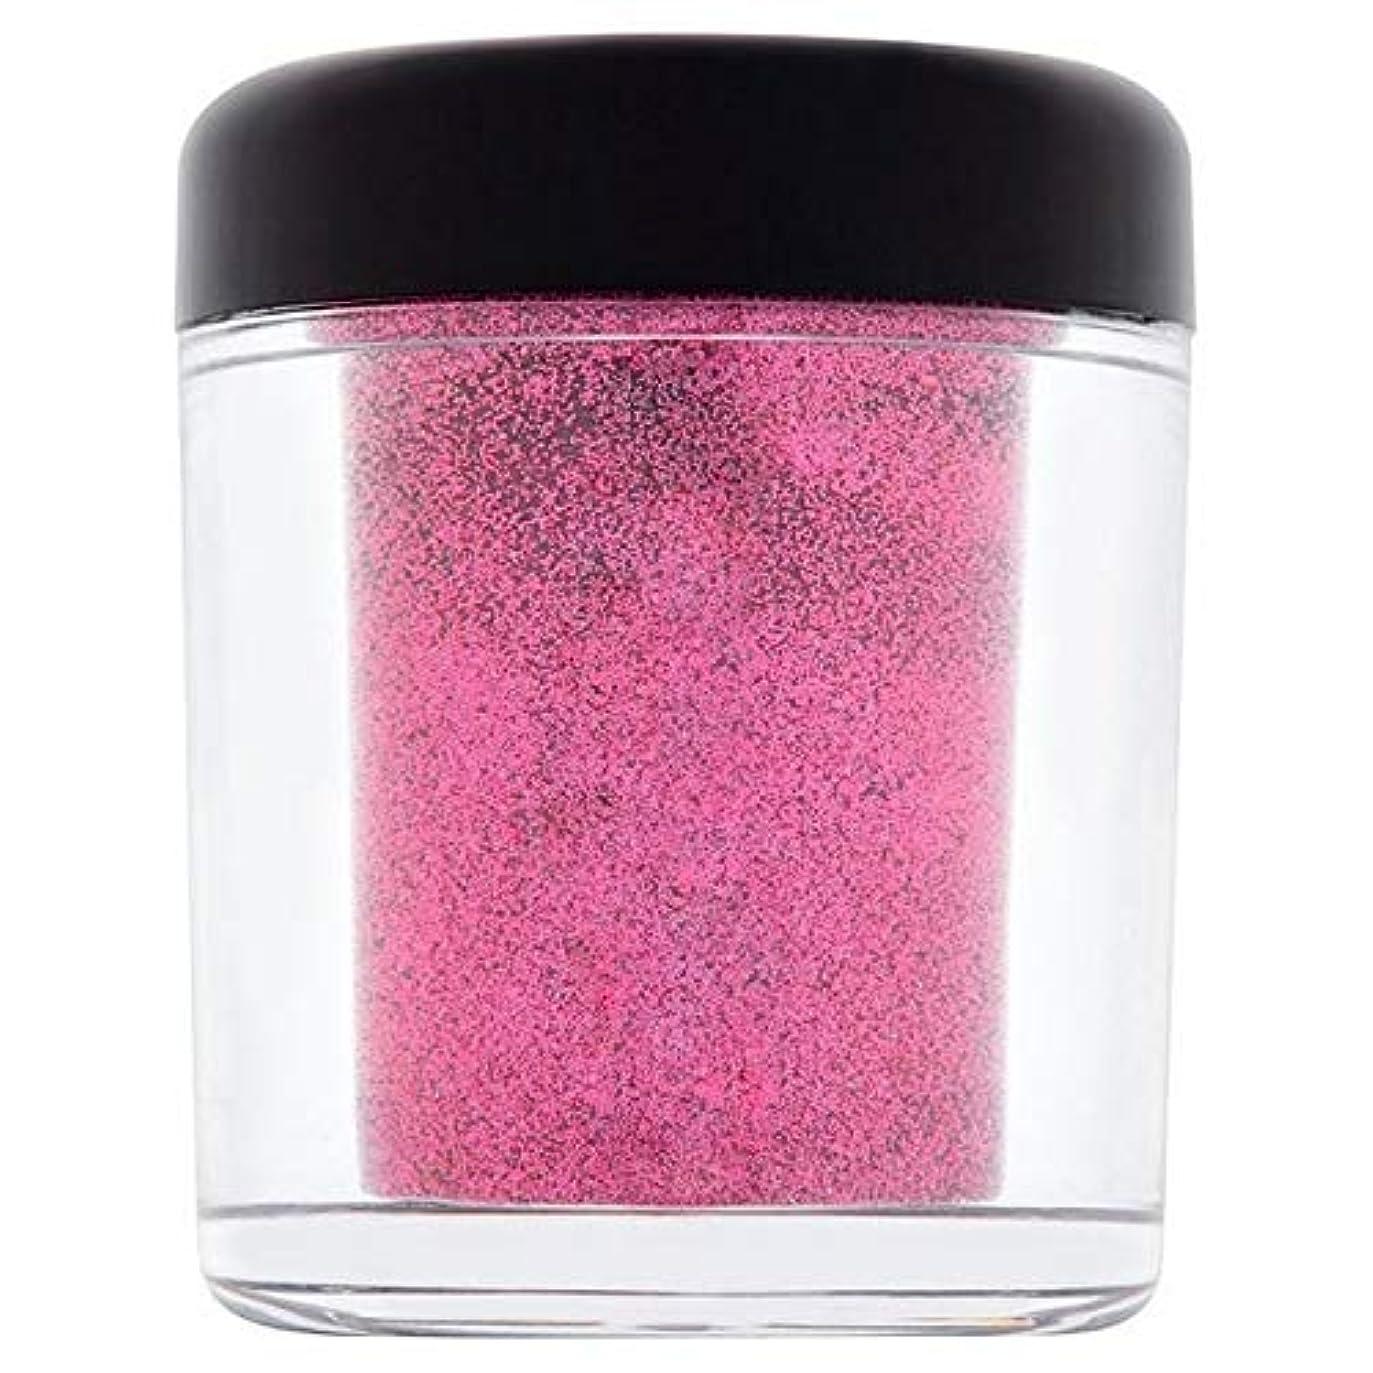 特定のビジター自宅で[Collection ] 収集グラムの結晶フェイス&ボディグリッター誘惑4 - Collection Glam Crystals Face & Body Glitter Temptation 4 [並行輸入品]